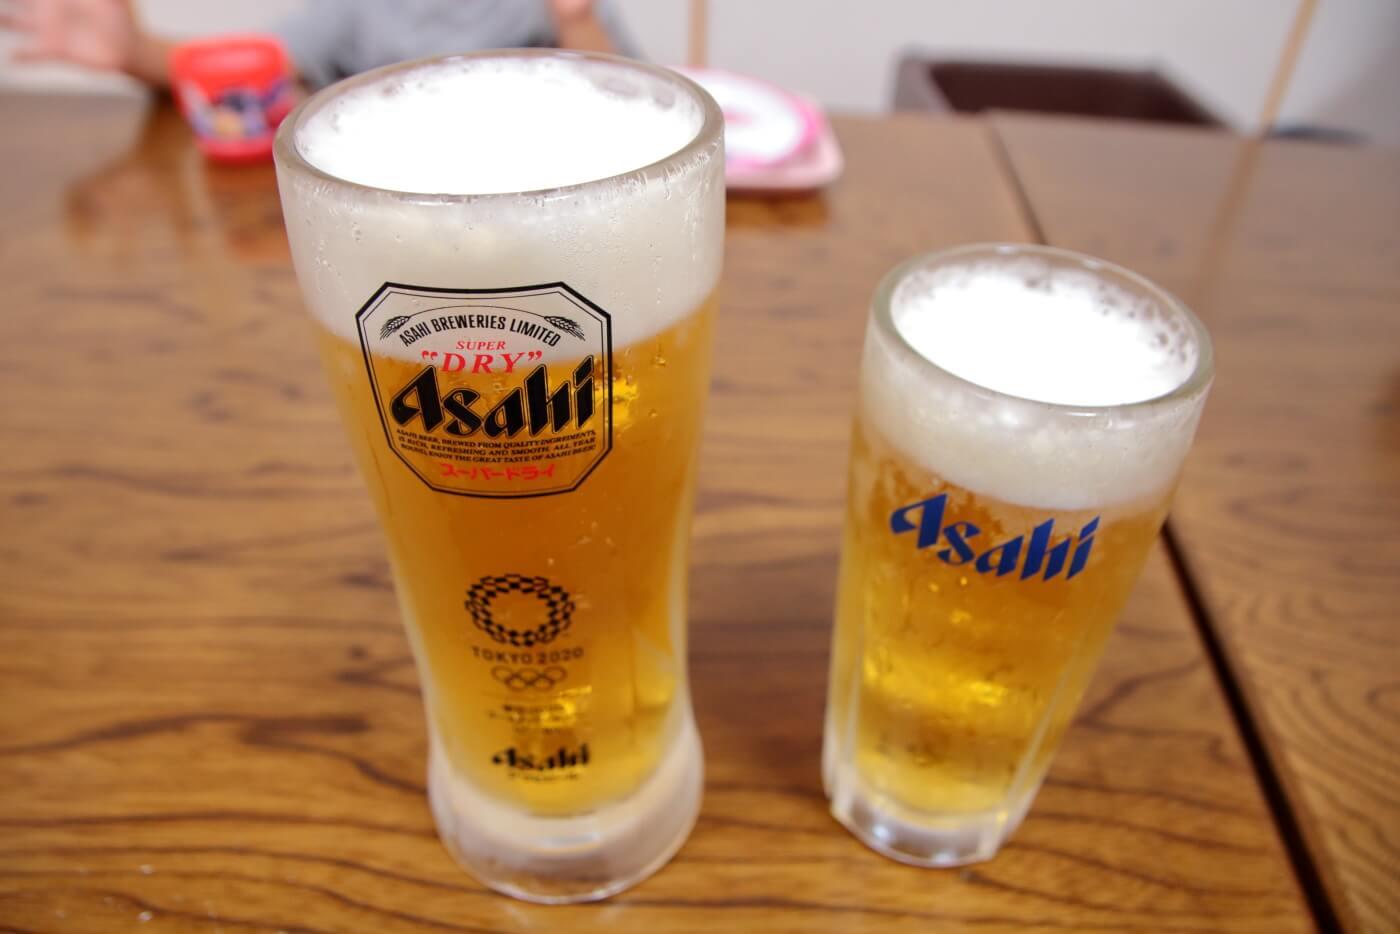 高知市の居酒屋 土佐八右衛門(とさはちえもん)飲み物